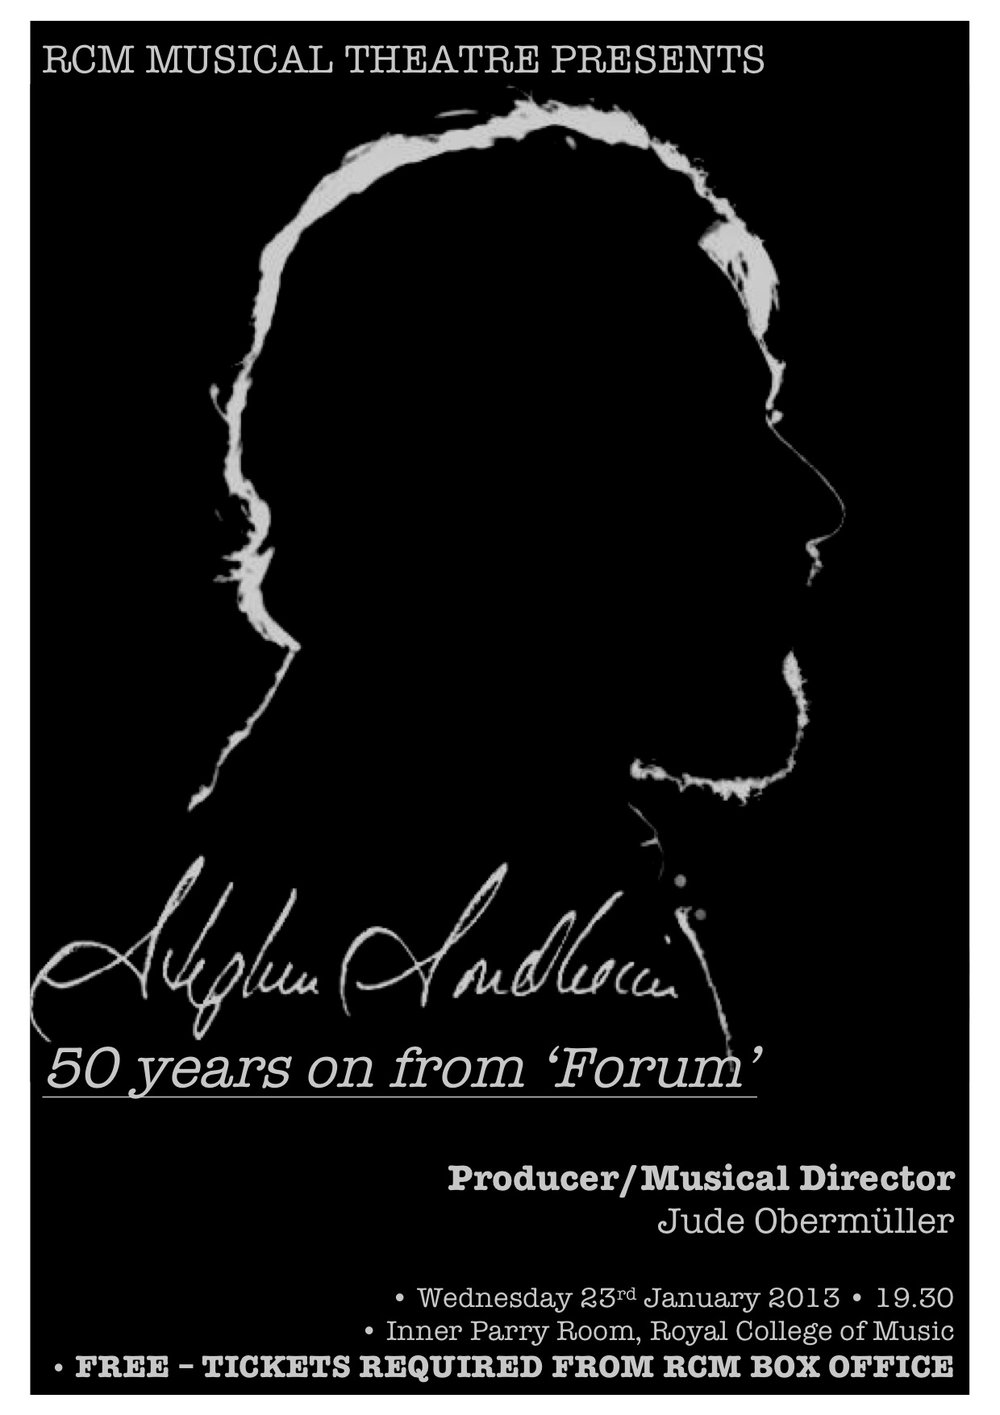 Sondheim: 50 years on from 'Forum'